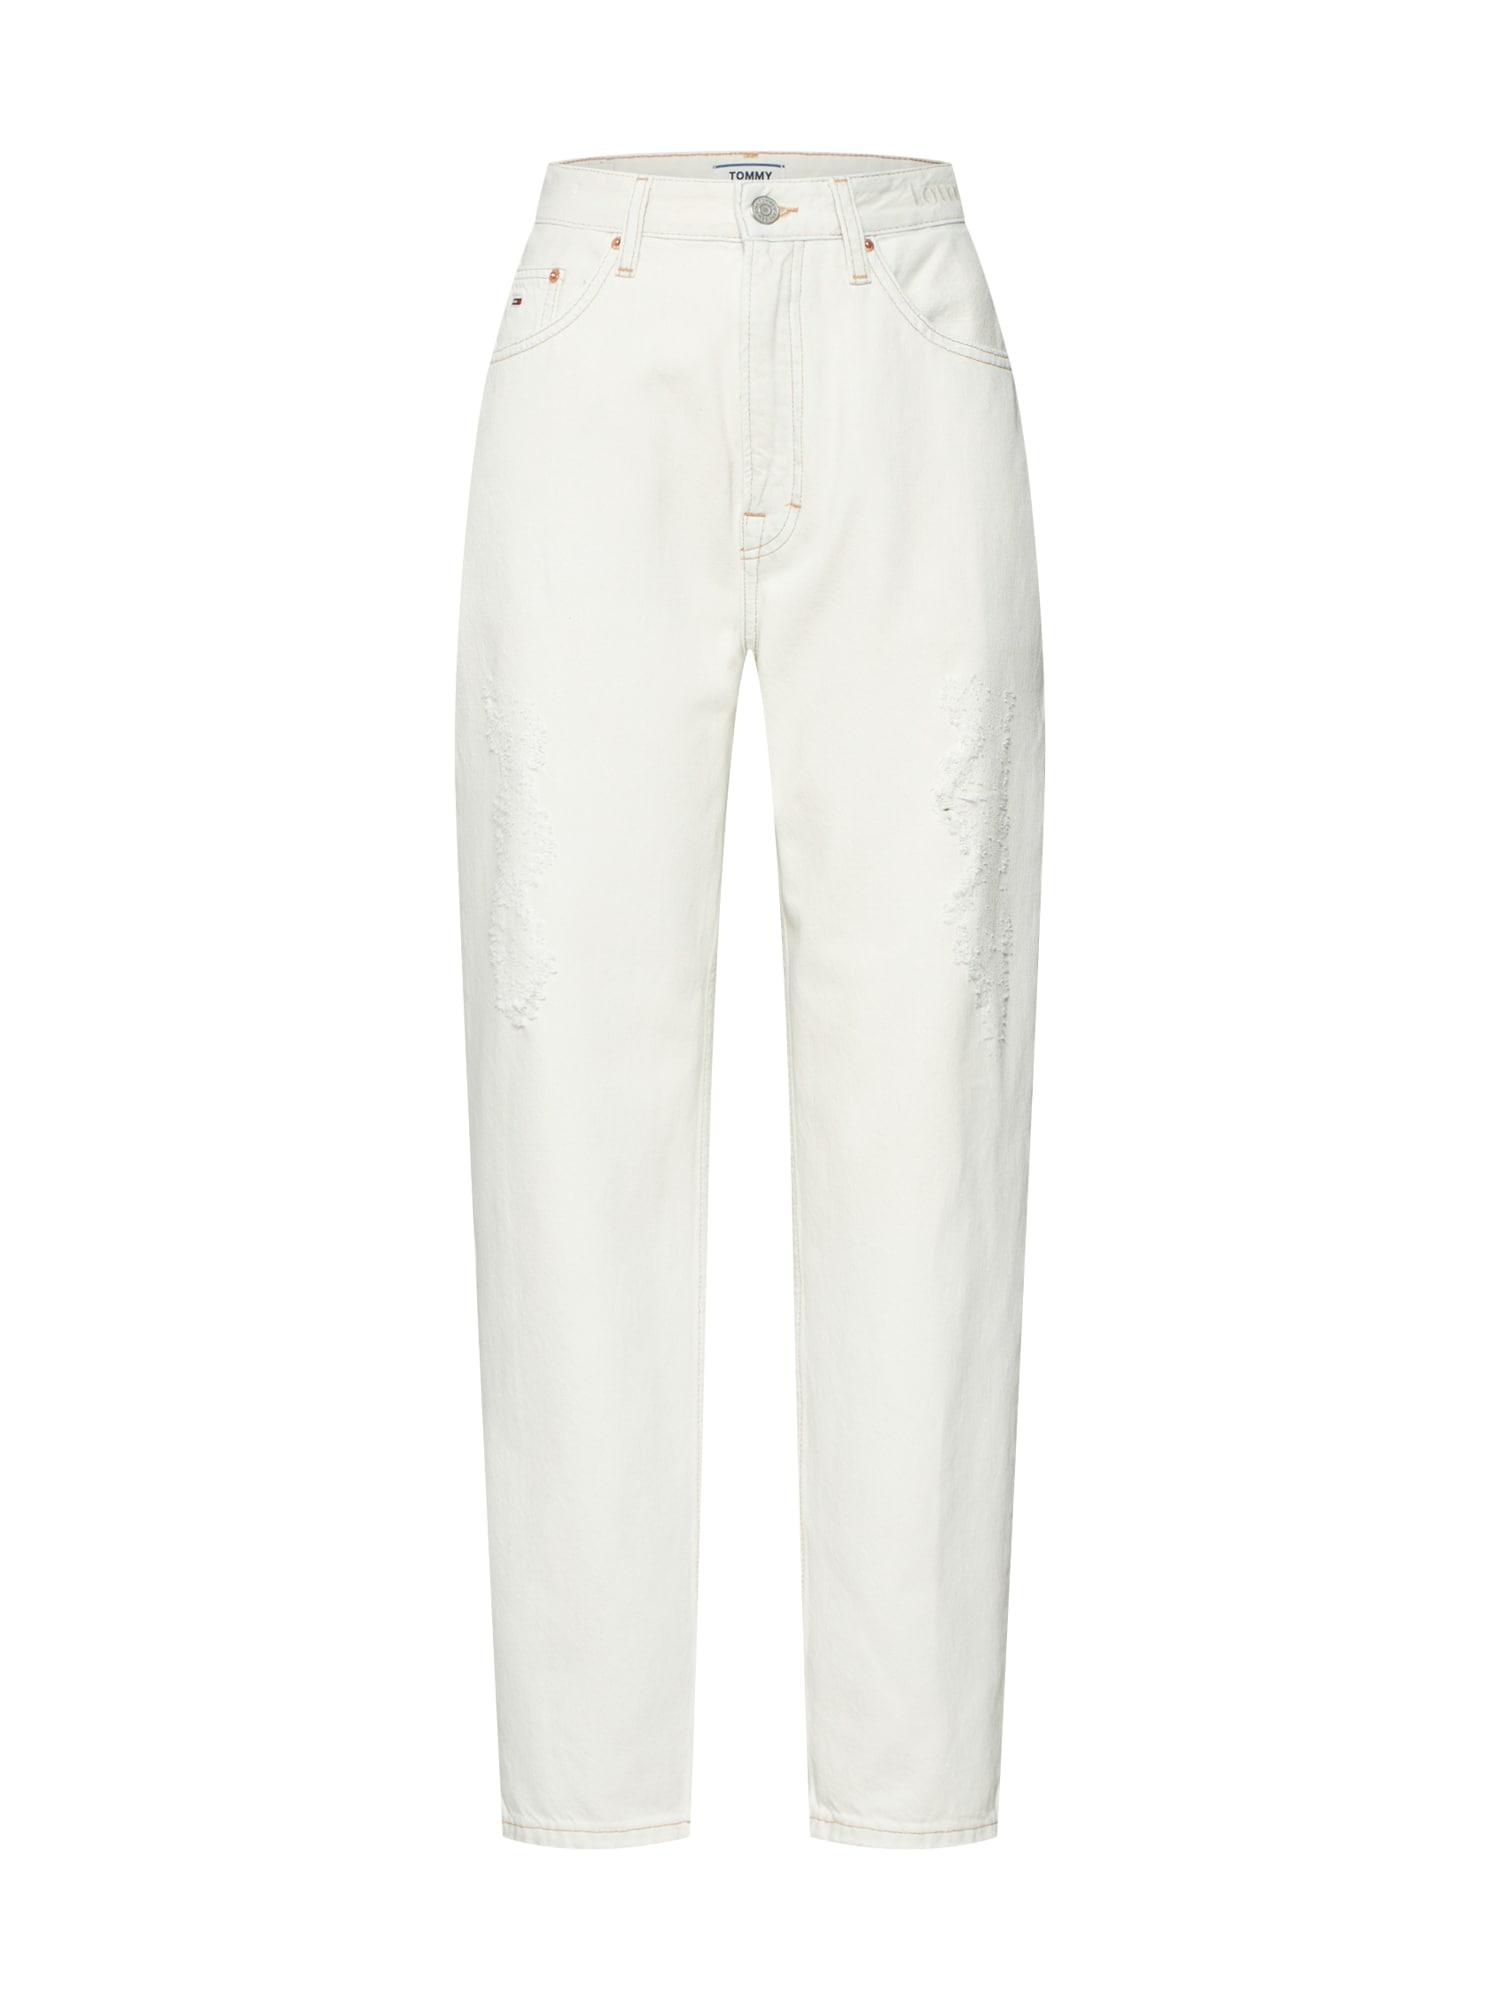 Džíny HIGH RISE TAPERED TJ 2004 ODTLB bílá Tommy Jeans